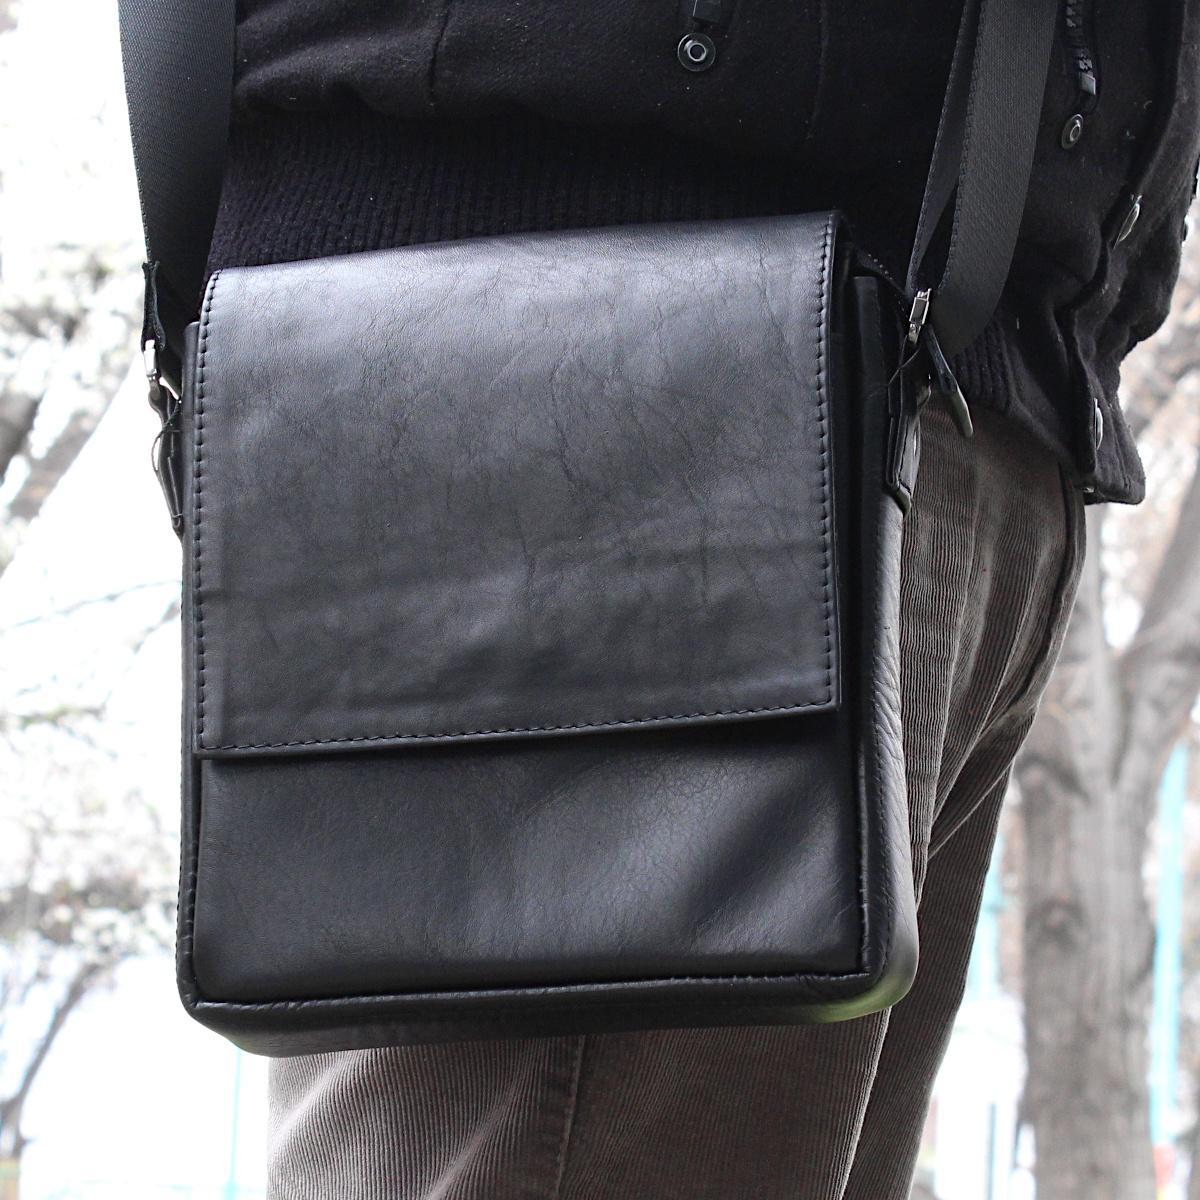 луксозна мъжка чанта от естествена кожа черна на рамо